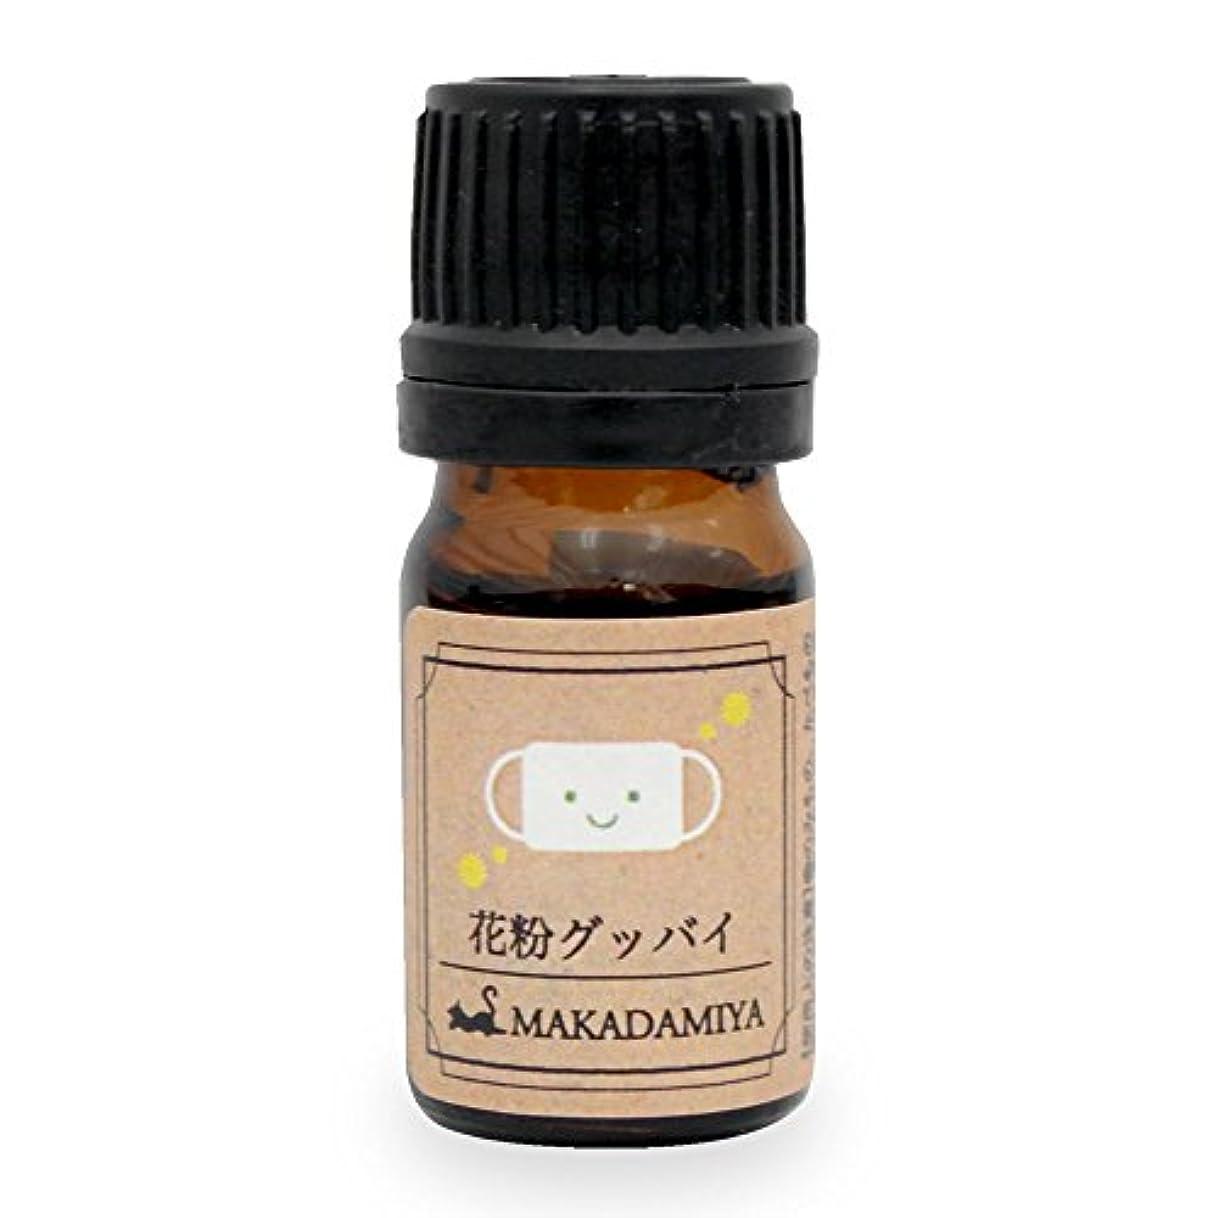 針教養があるリスト花粉グッバイ5ml (天然100%植物性/アロマオイル:ティートゥリー?ペパーミント?ユーカリ?ラベンダー?マートル配合)